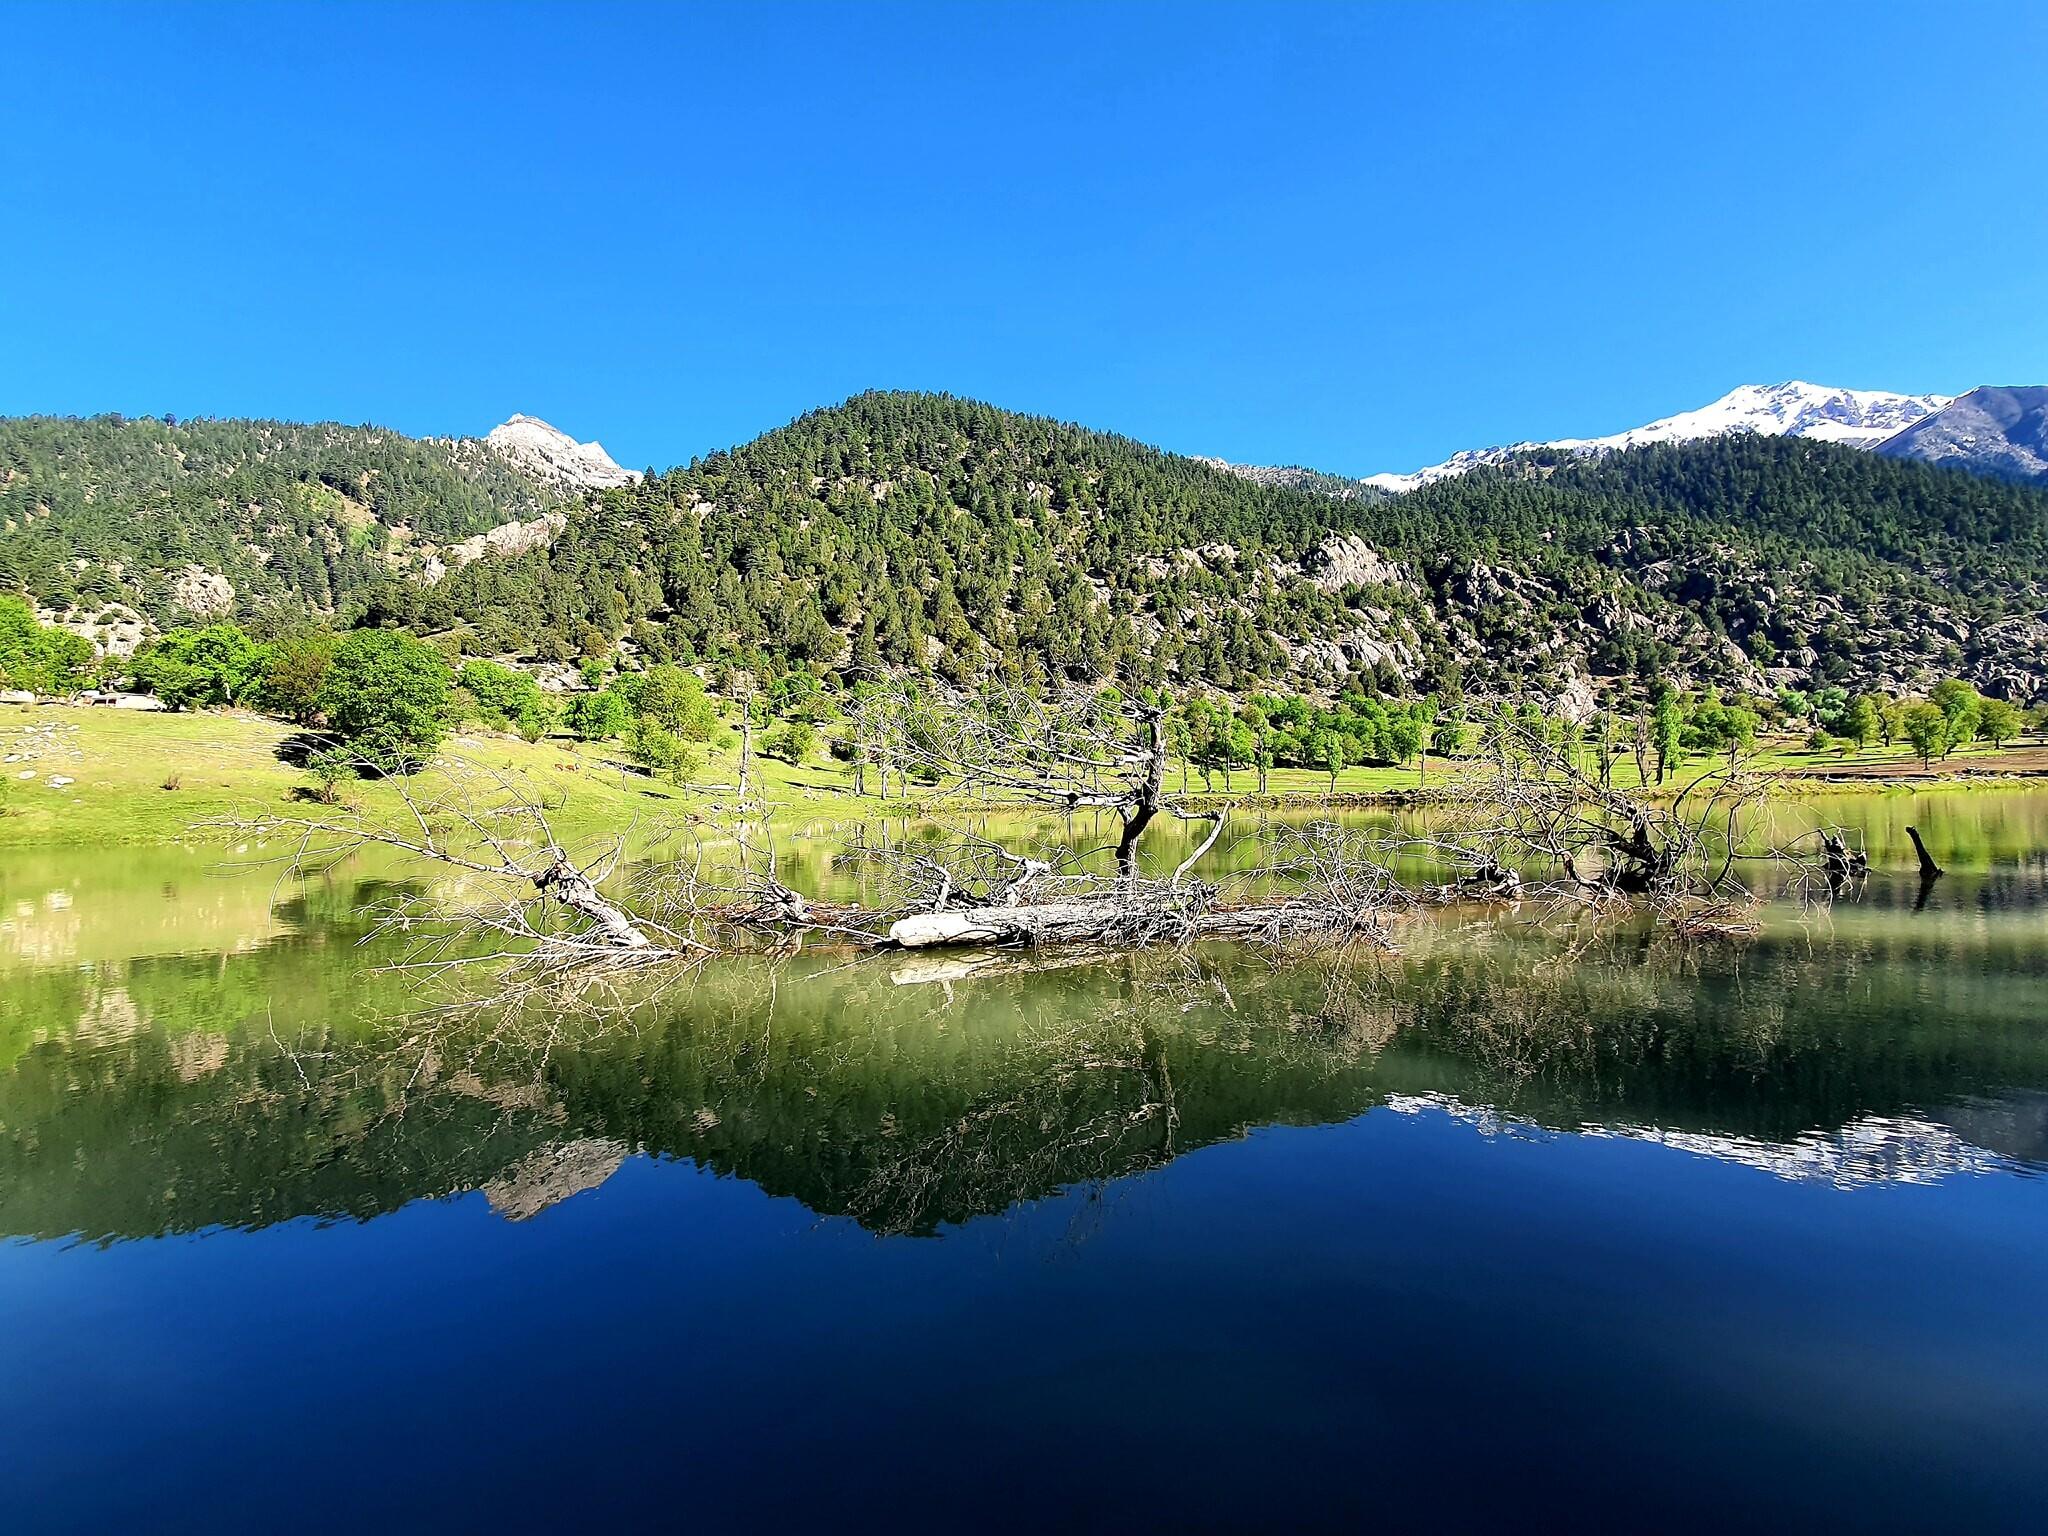 8 چشم انداز طبیعت افغانستان که کمتر آن را میشناسیم!